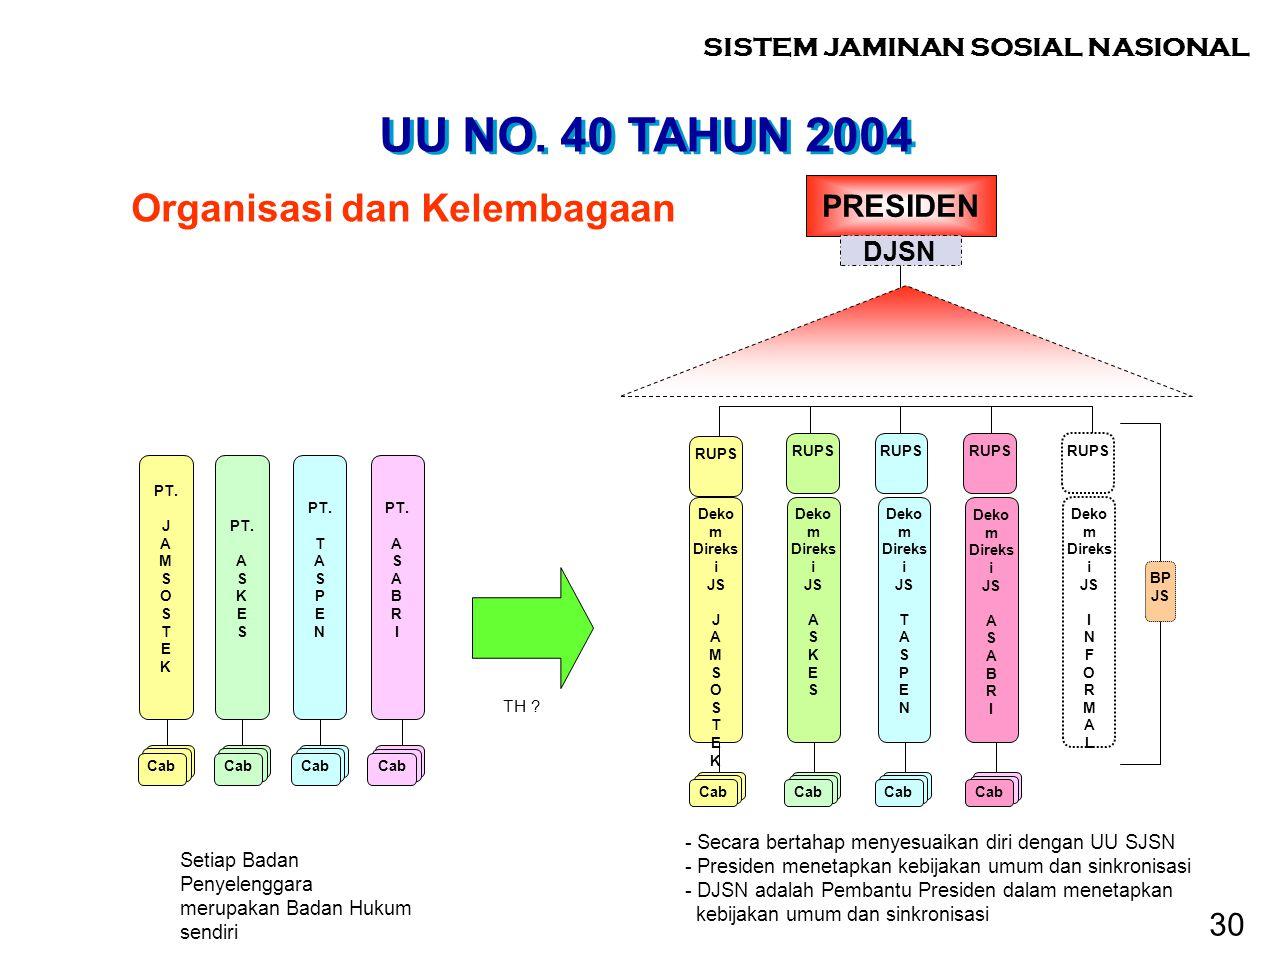 UU NO. 40 TAHUN 2004 Organisasi dan Kelembagaan 30 PRESIDEN DJSN